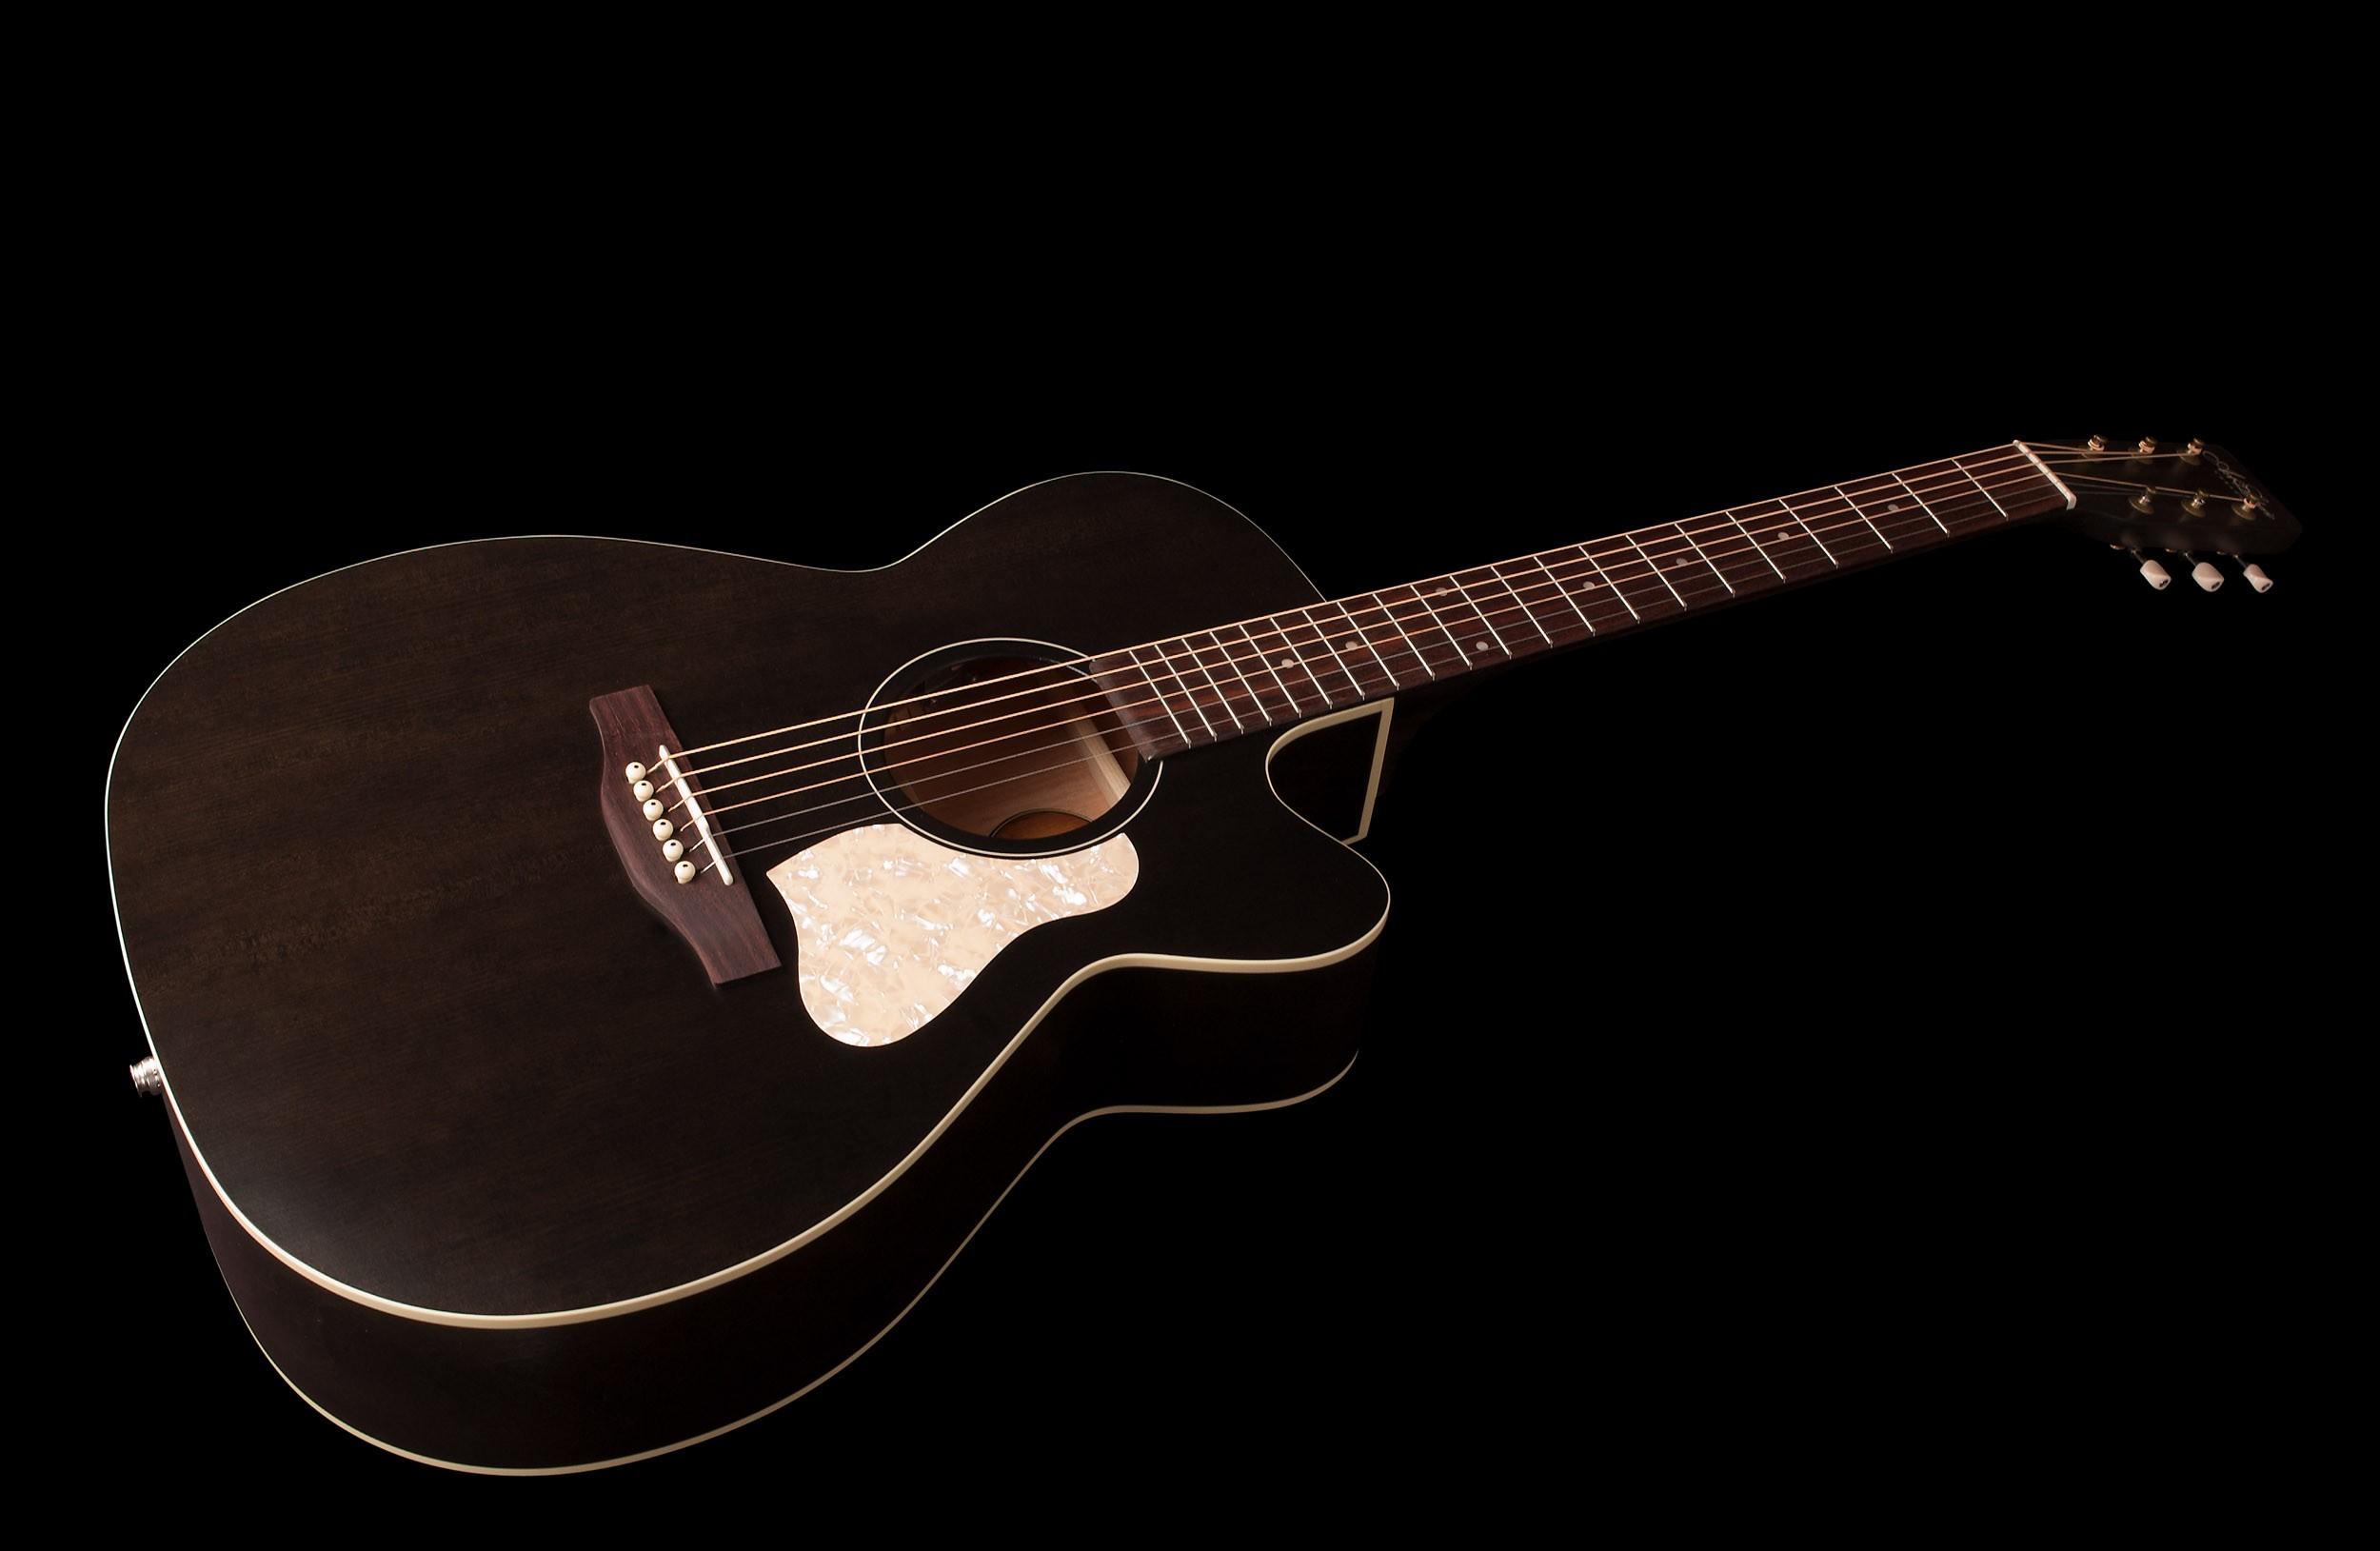 Guitares & Co - GUITARES ACOUSTIQUES - 6 CORDES - ART & LUTHERIE - AL042371 - Royez Musik